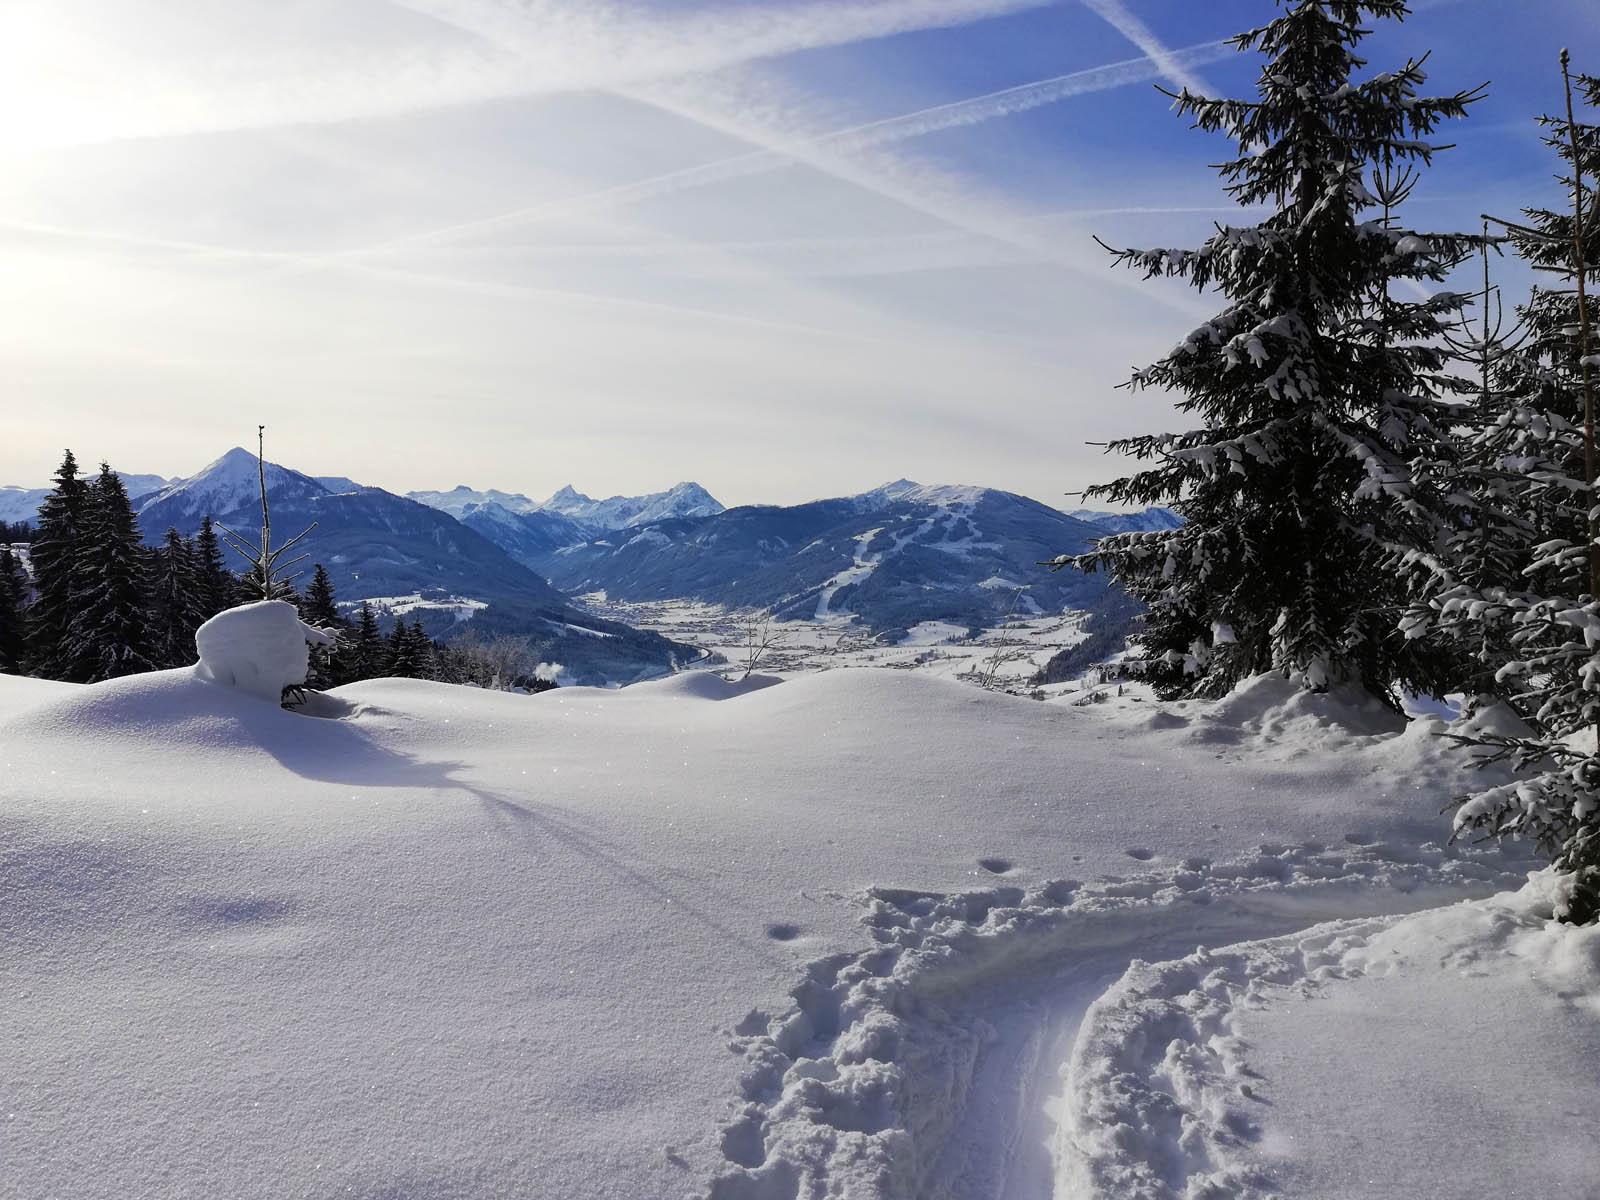 wintersports in salzburg